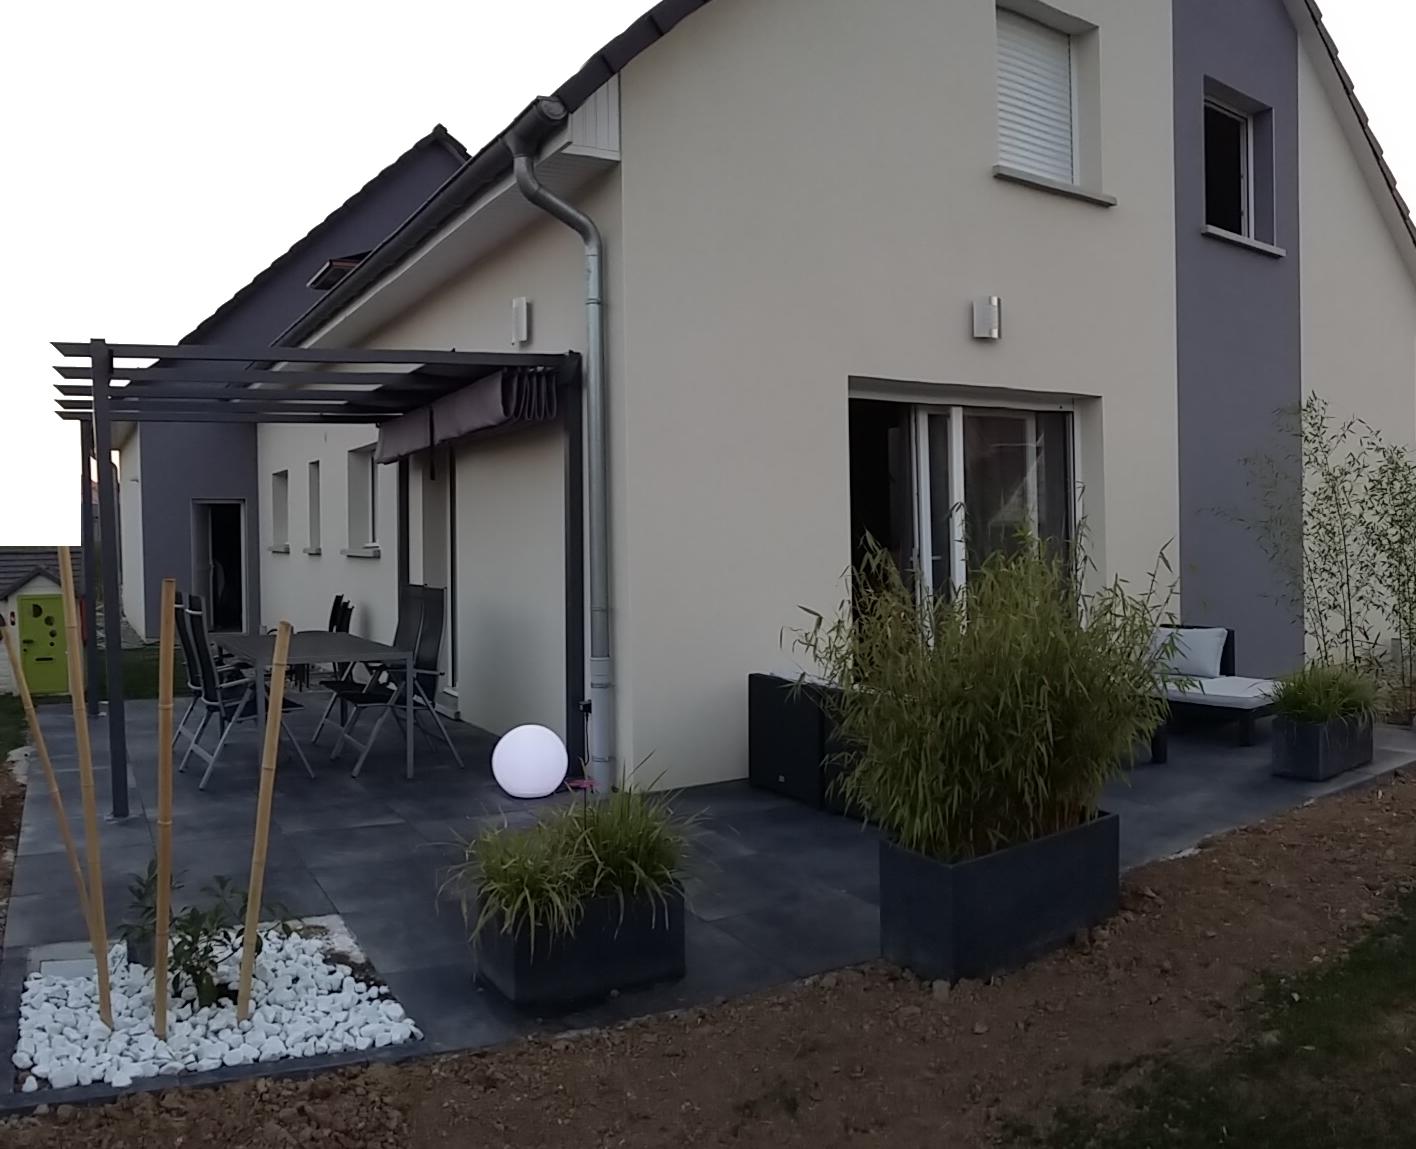 bricolage de l 39 id e la r alisation terrasse design. Black Bedroom Furniture Sets. Home Design Ideas